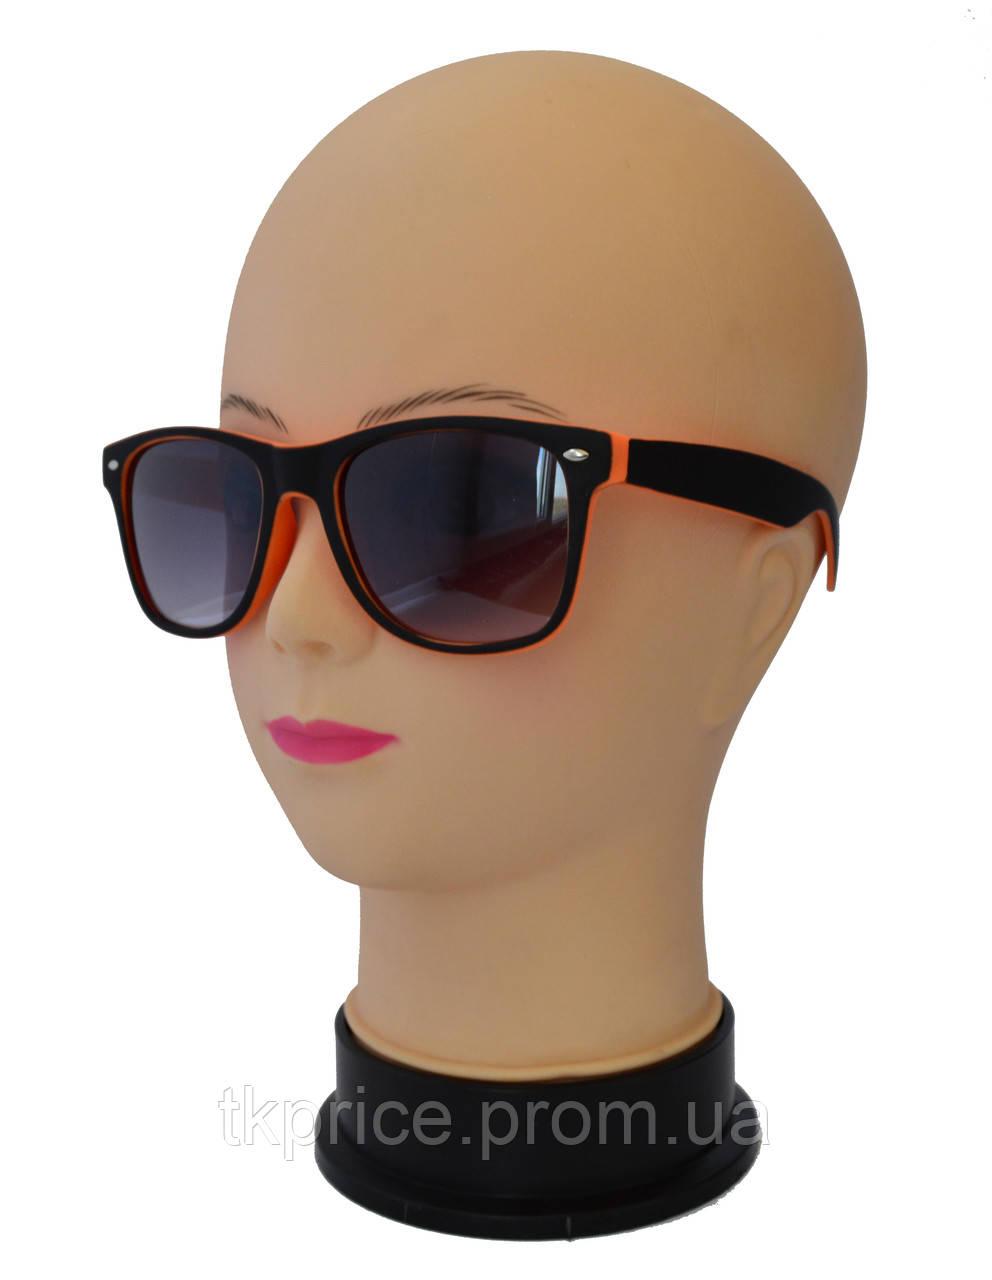 Солнцезащитные очки унисекс Wayfarer матовые